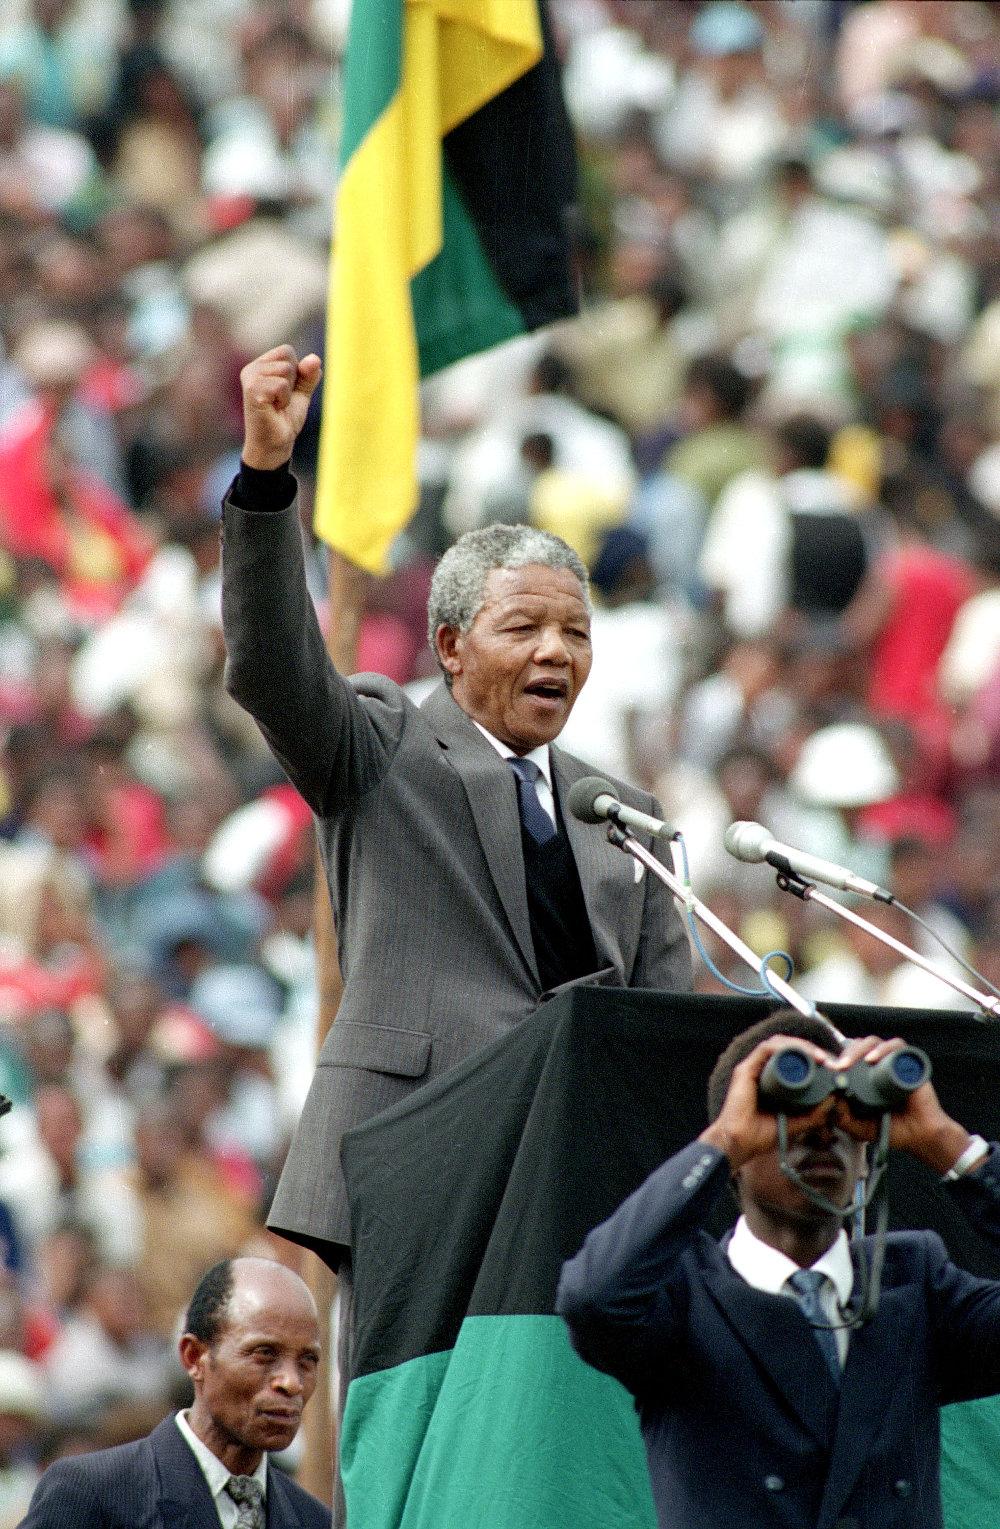 Ομιλία του ηγέτη του Νοτιοαφρικανικού Κογκρέσου, Νέλσον Μαντέλα που αναδείχτηκε πρόεδρος της χώρας το 1994